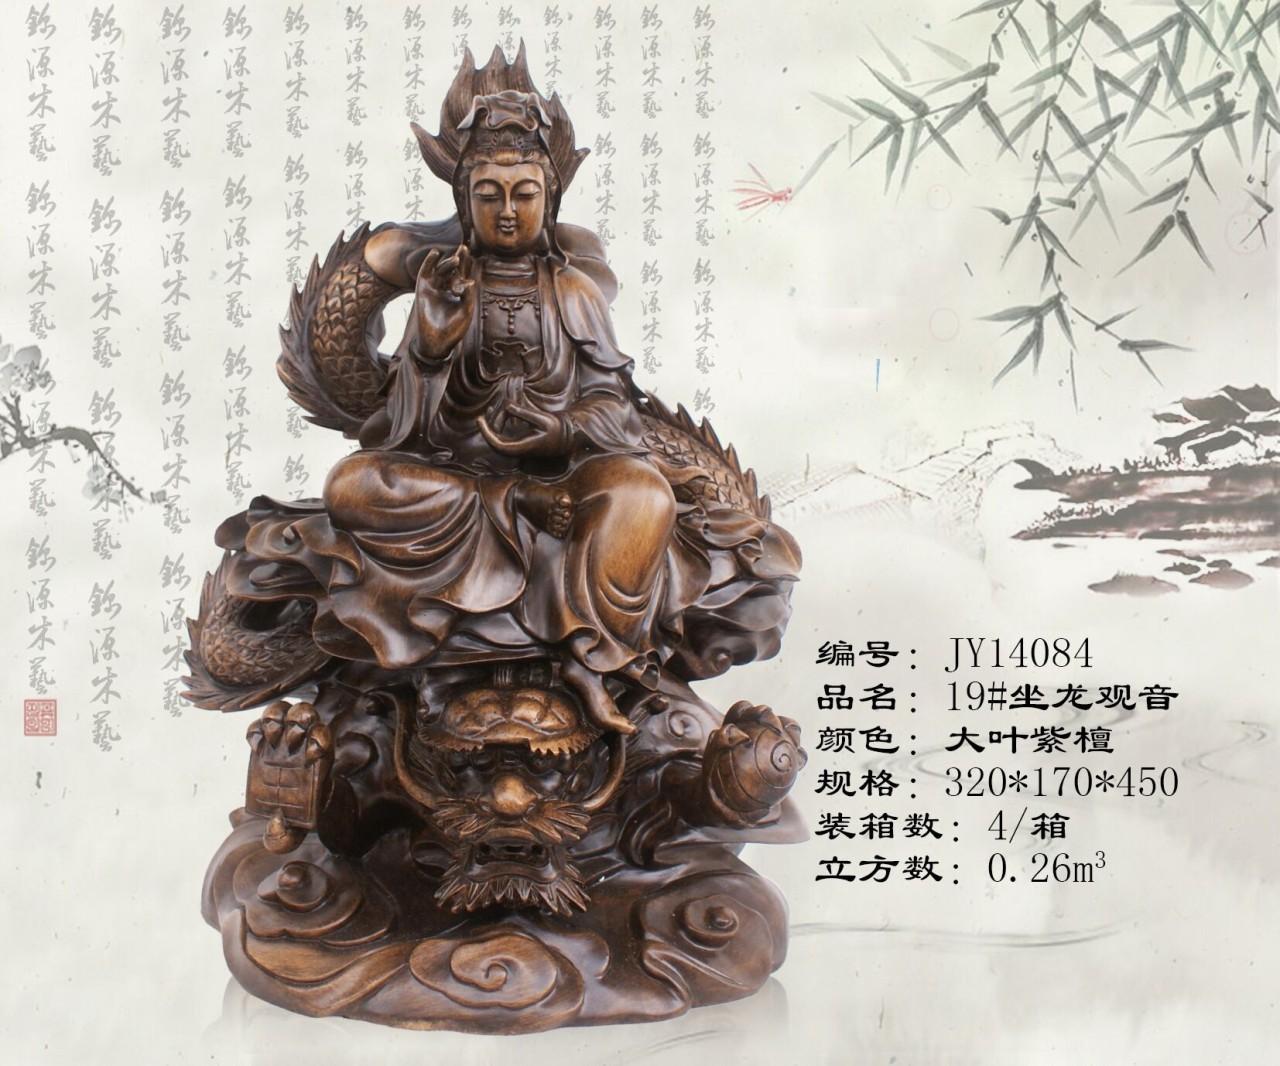 Phong thủy - Phật quan âm Jy14084 kích thước 32x17x45cm giá sỉ và lẻ rẻ nhất